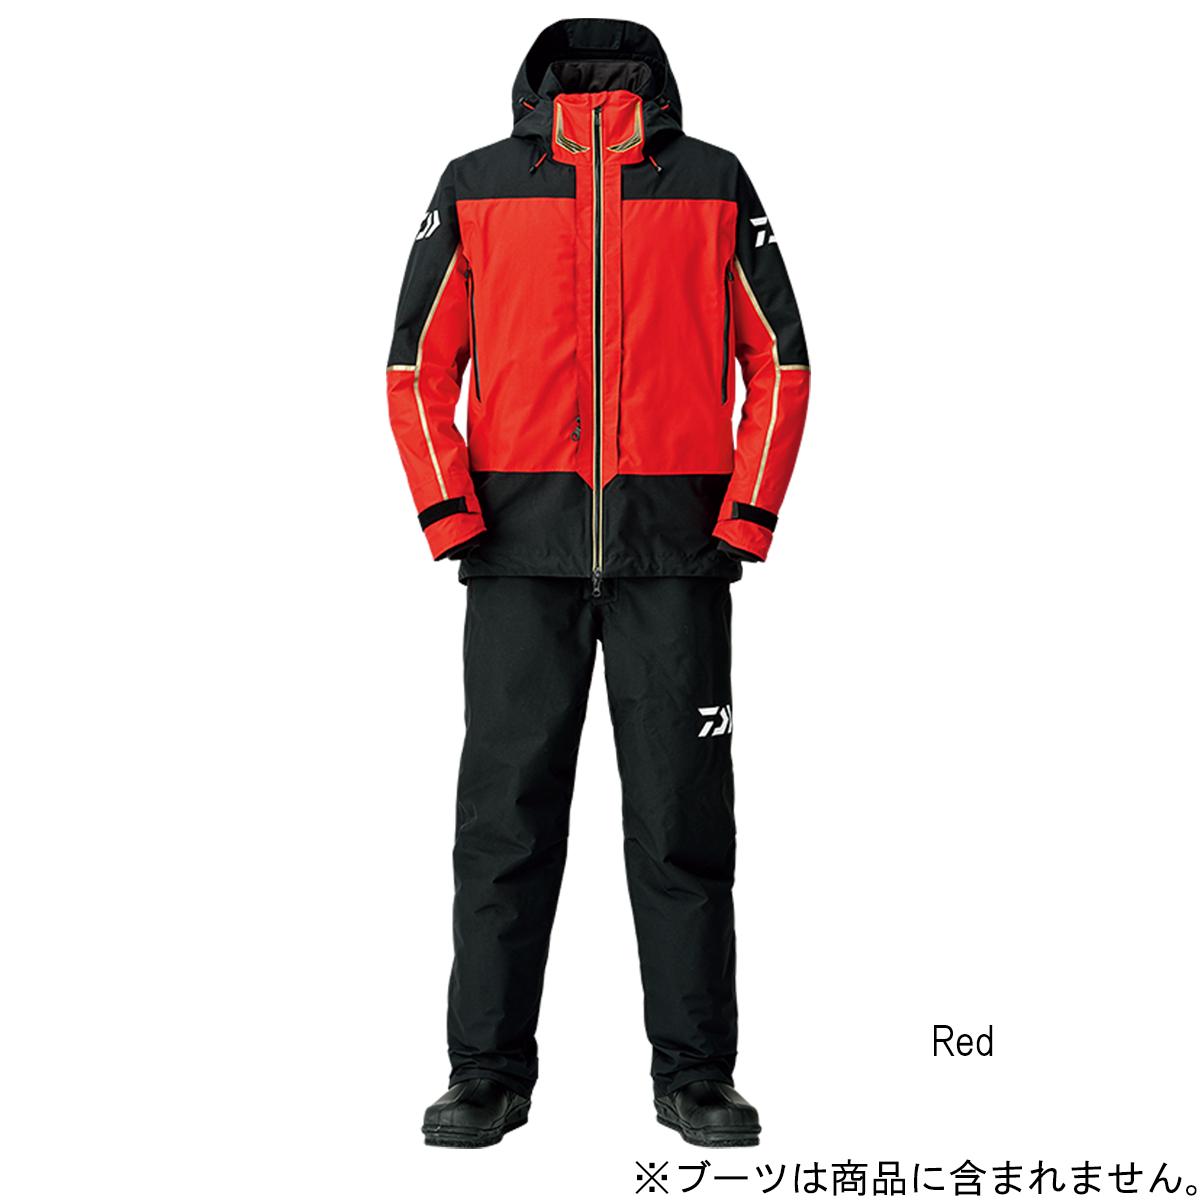 ダイワ ゴアテックス プロダクト コンビアップ ウィンタースーツ DW-1808 XL Red【送料無料】